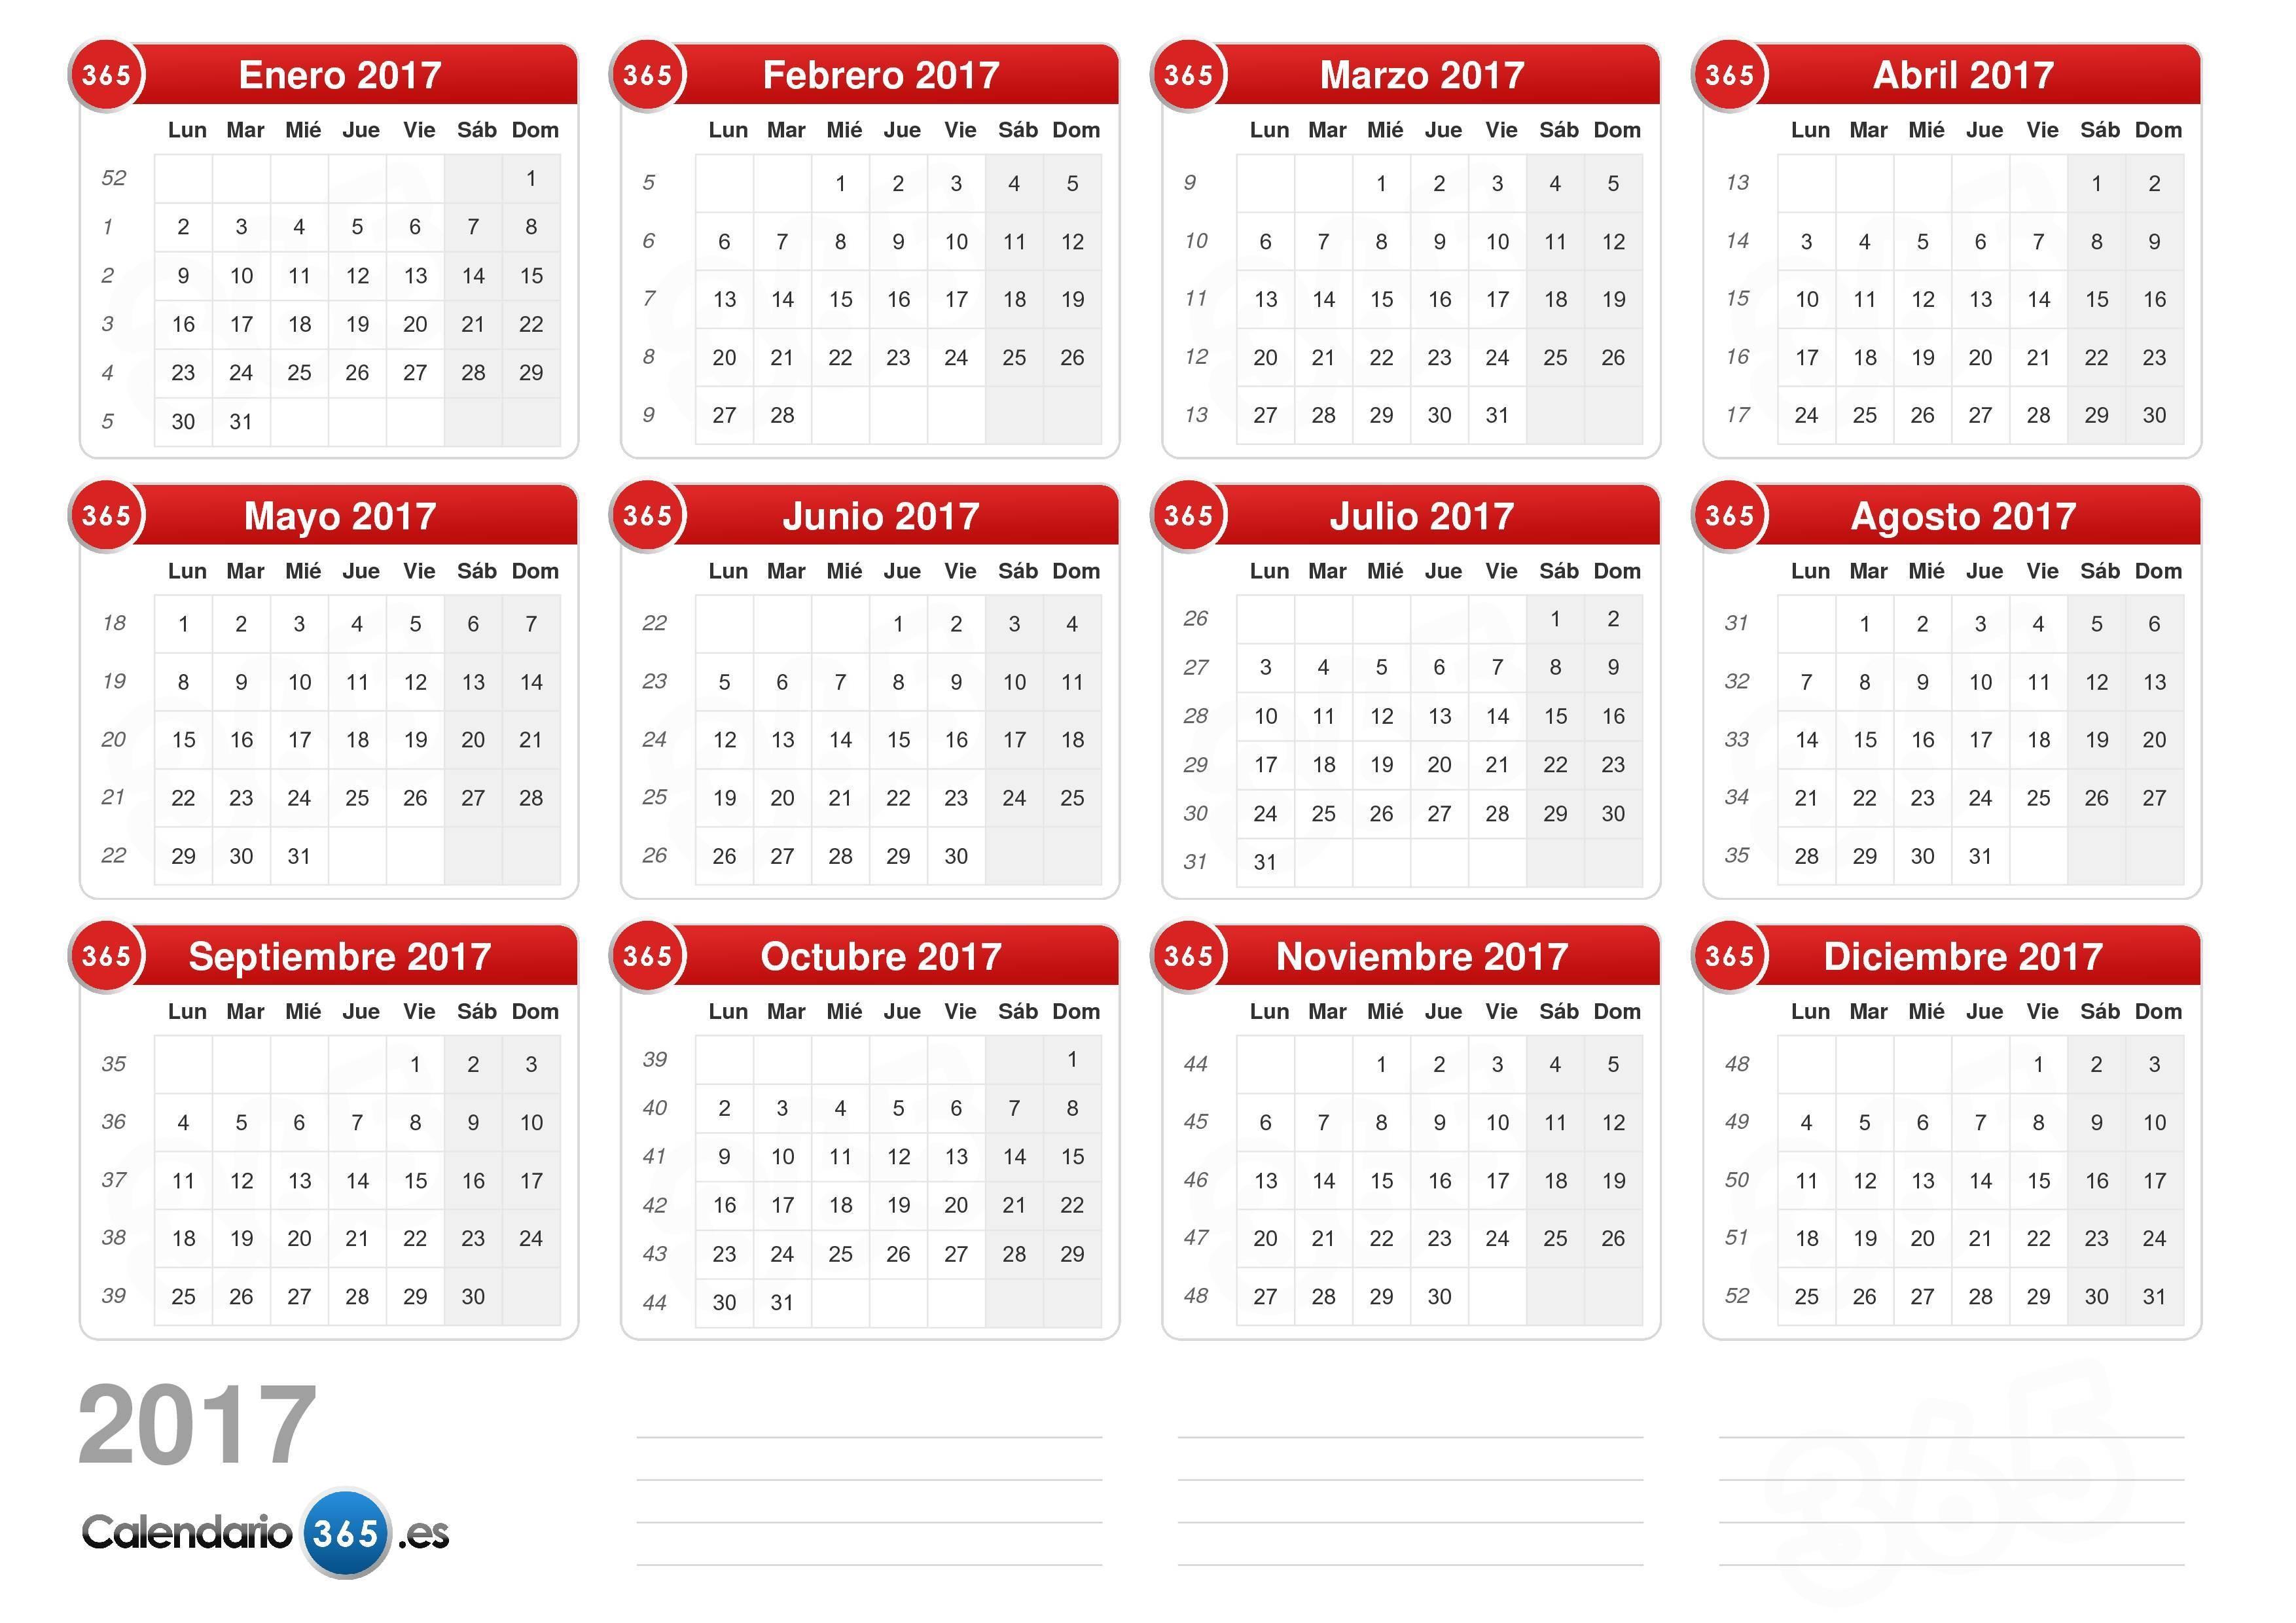 Calendario Abril 2019 España Más Recientes Calendario 2017 Of Calendario Abril 2019 España Más Recientes Resolviendo El Dise±o De Modelos De Dominio Hl7 Mediante soluciones